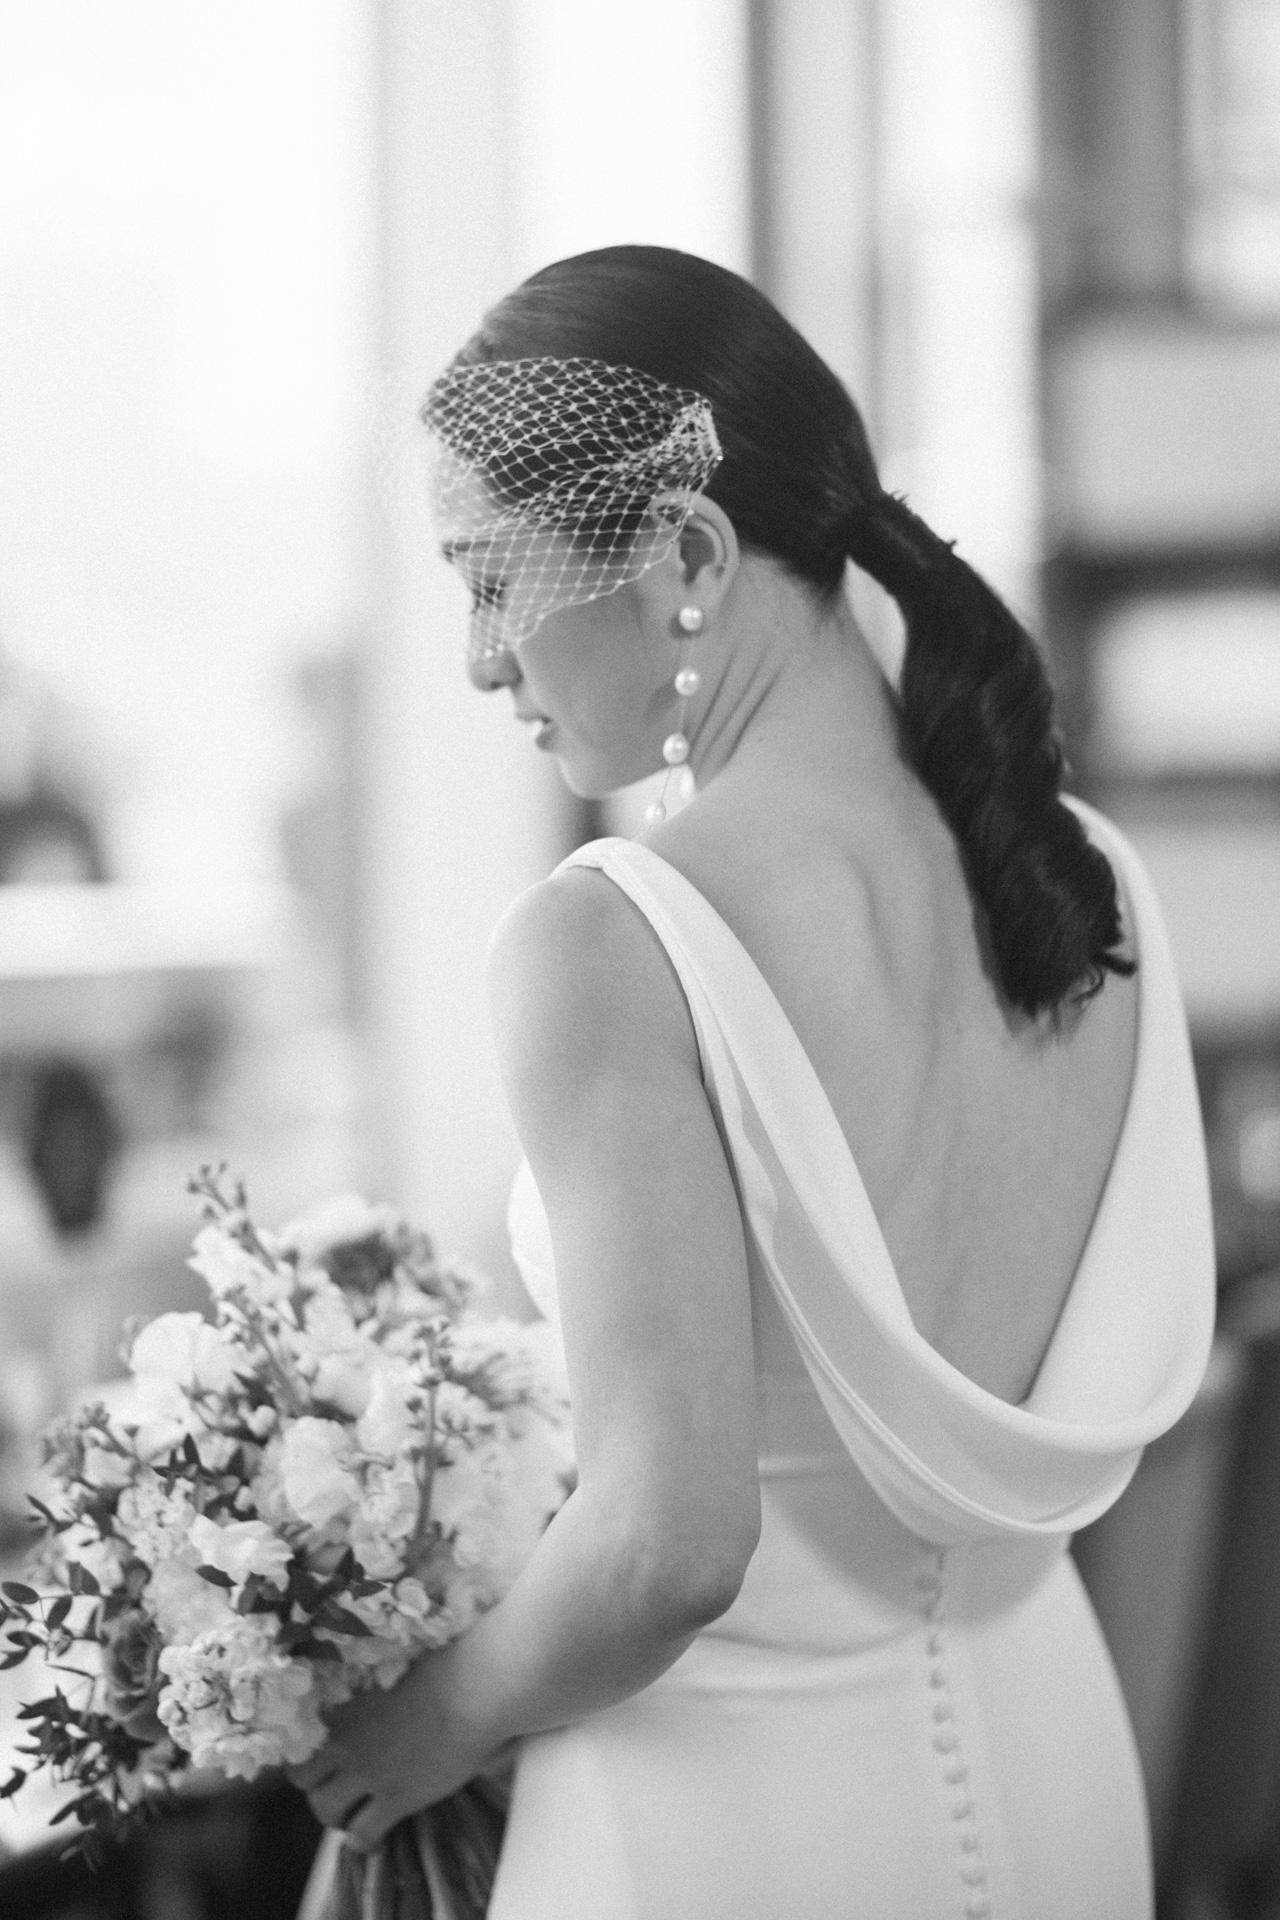 nikkiloveu-hongkong-wedding-day-hexa-ant-cat-lauhaus-021.jpg